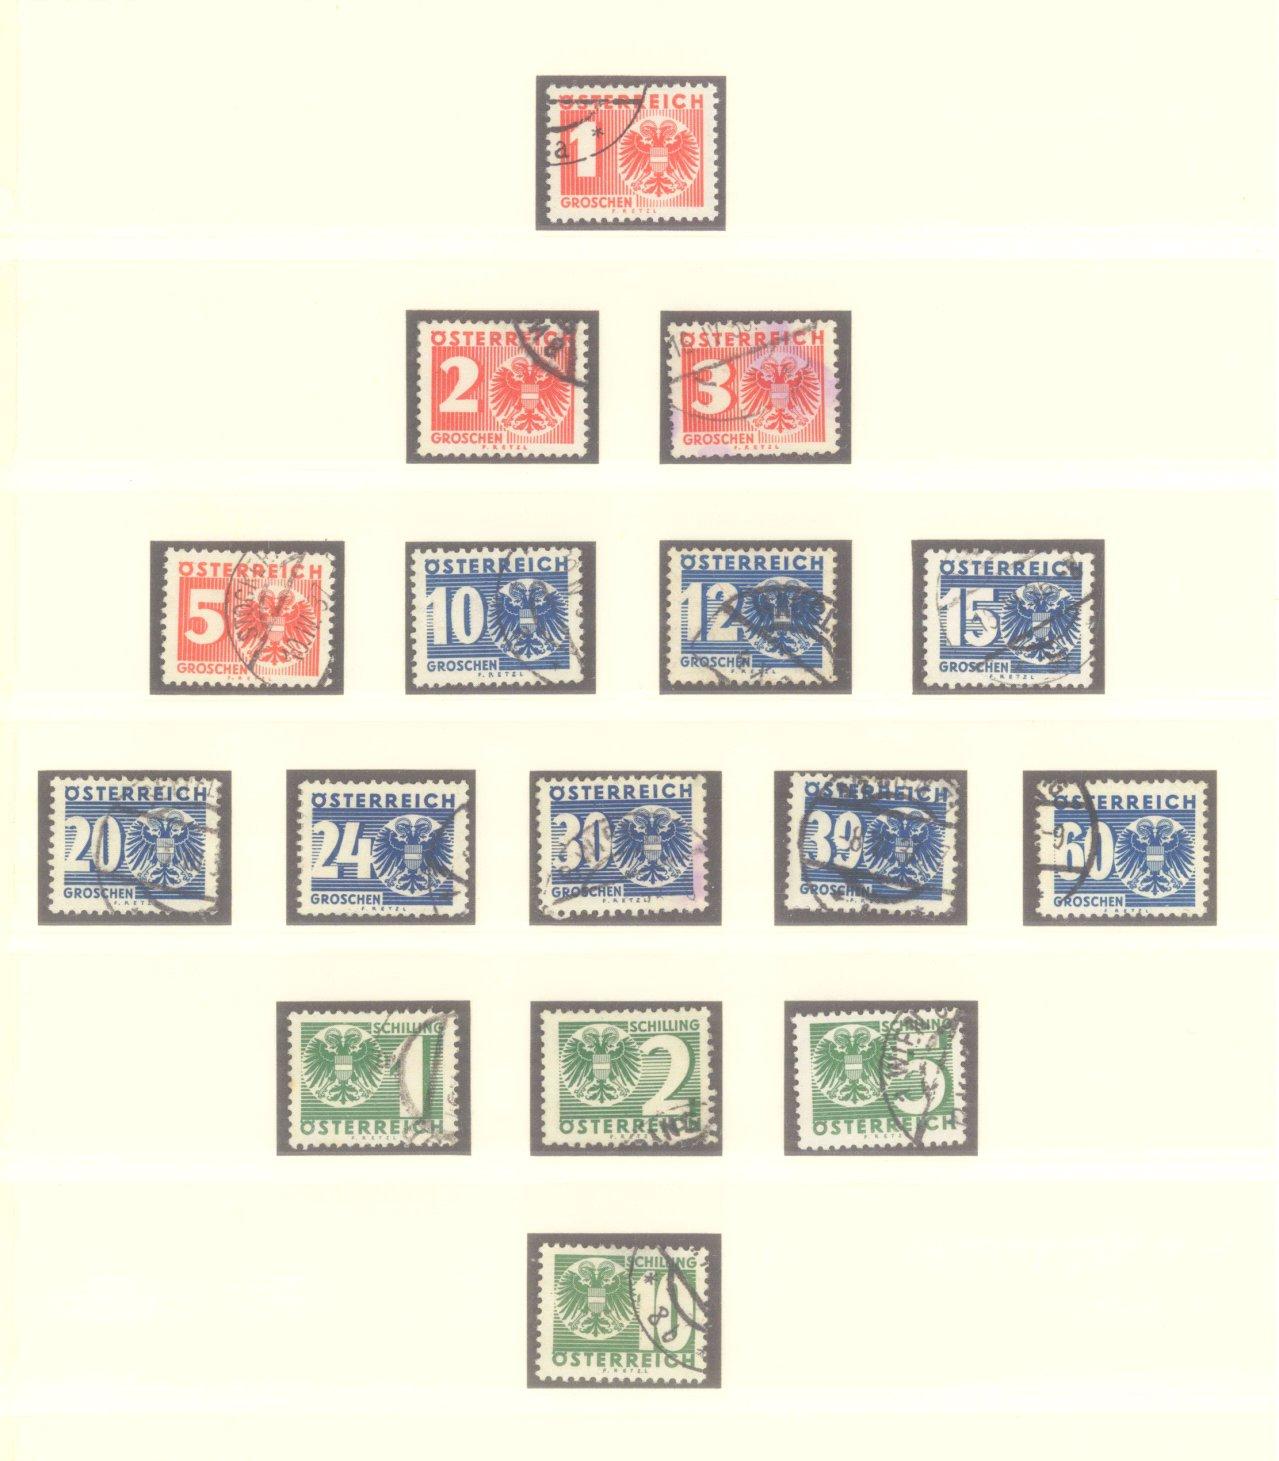 ÖSTERREICH 1925-1937-10